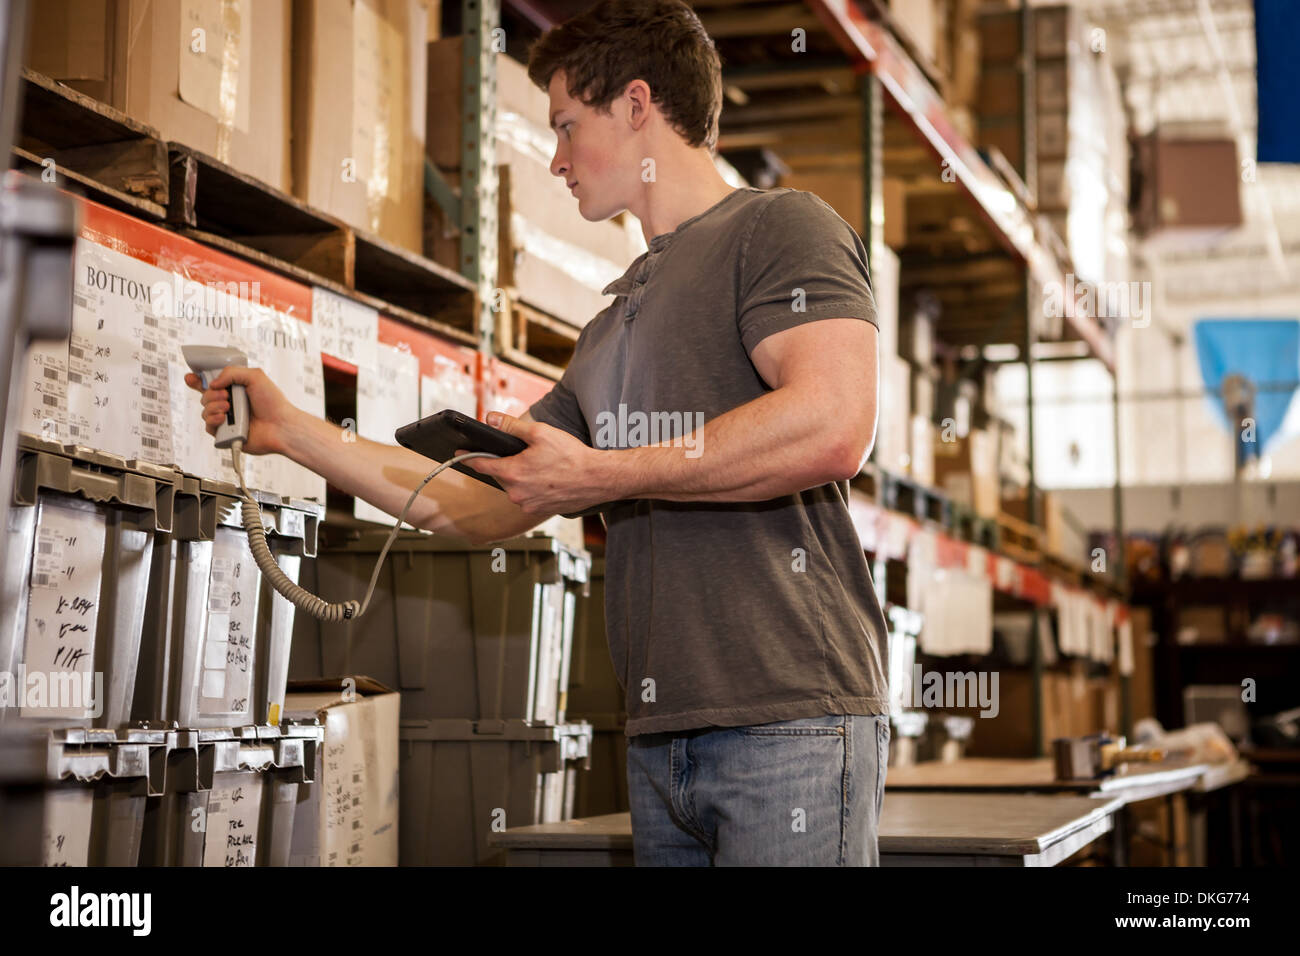 Lavoratore in magazzino la scansione di codice a barre sulla scatola di cartone Immagini Stock